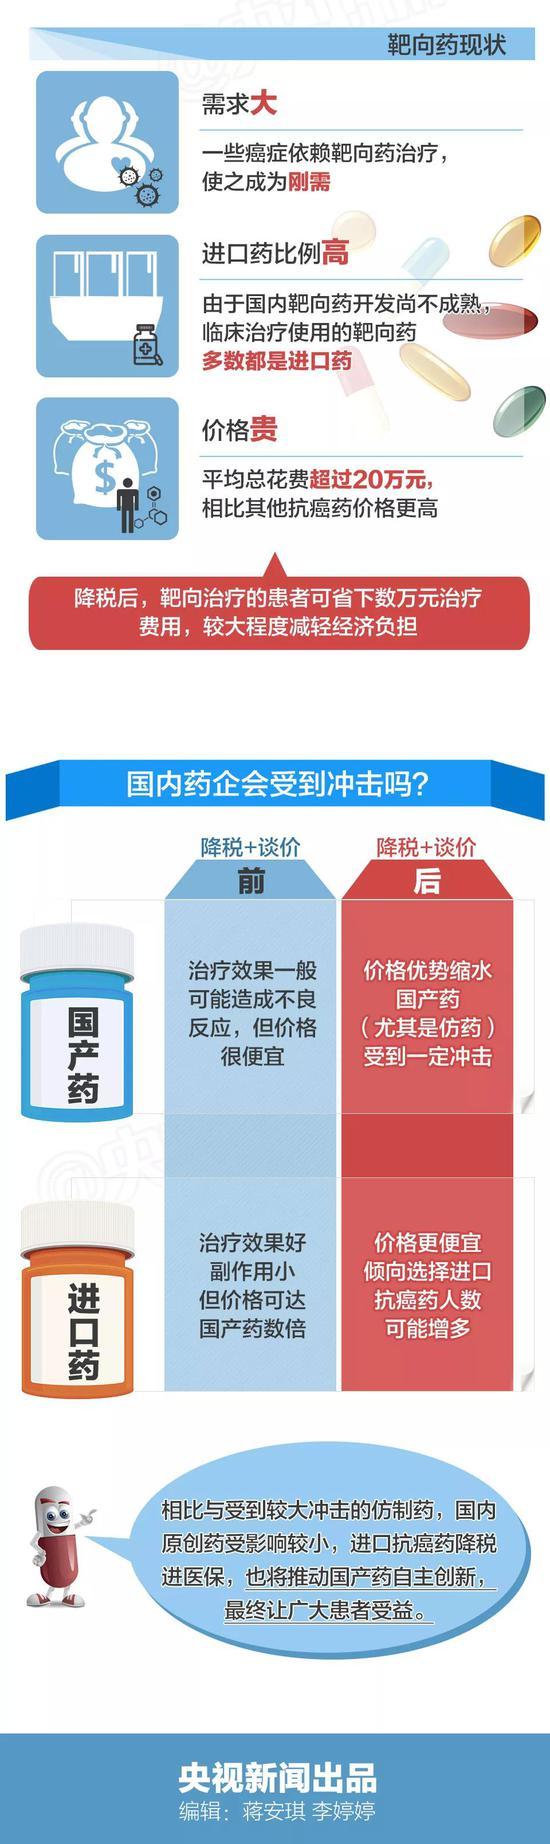 进口抗癌药零关税患者能省多少钱?一张图算明白龙啸九天-人界风云篇